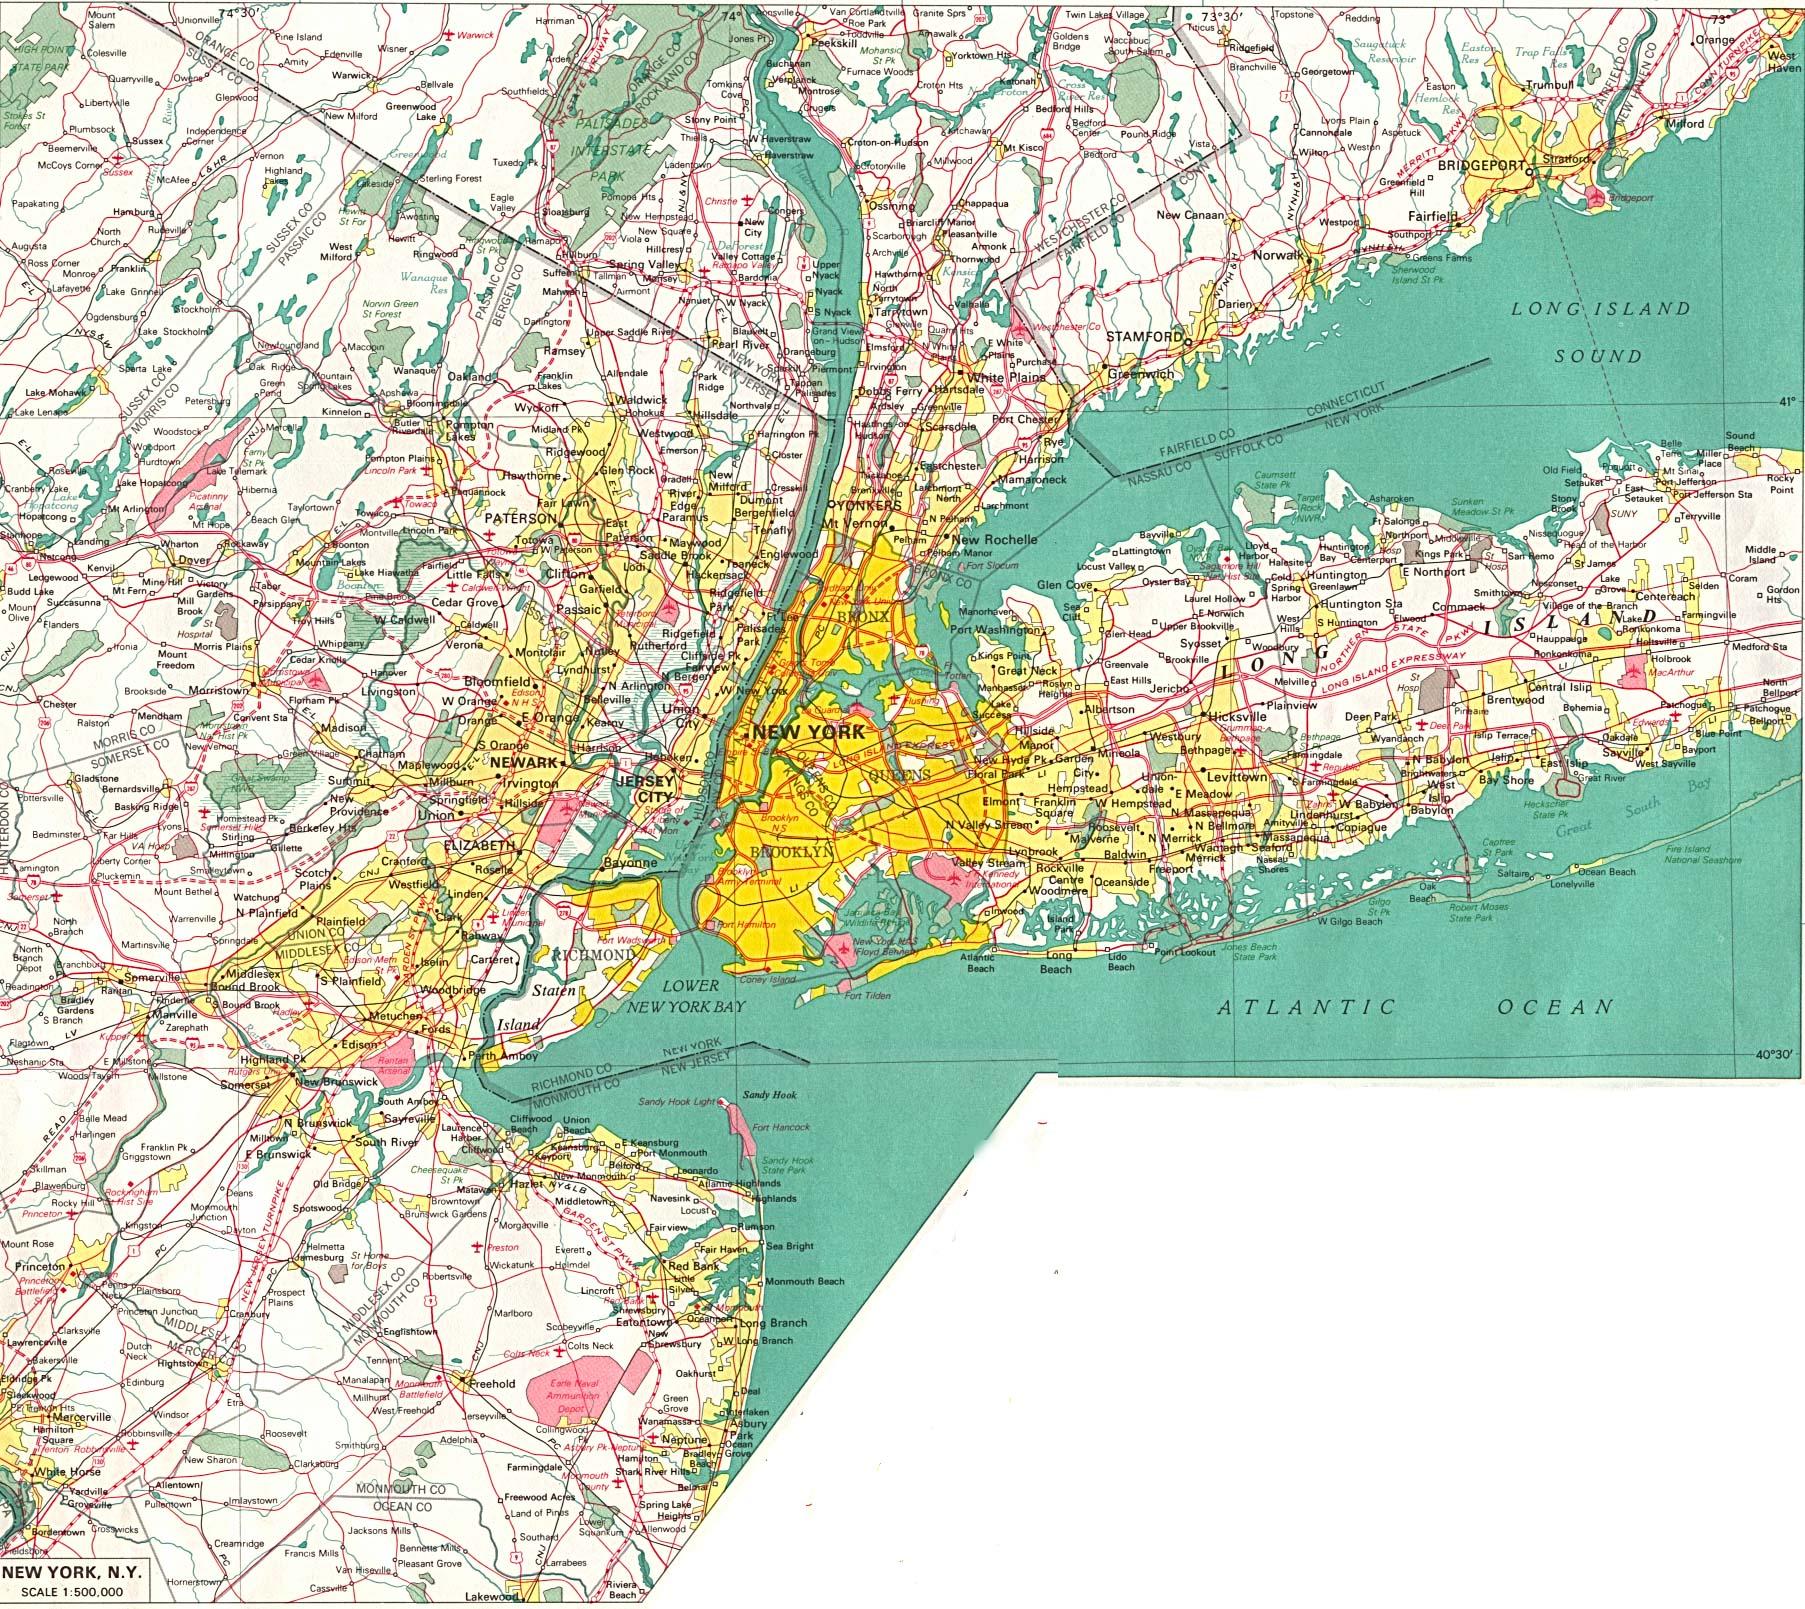 Carte New York Et Alentours.Cartograf Fr New York City